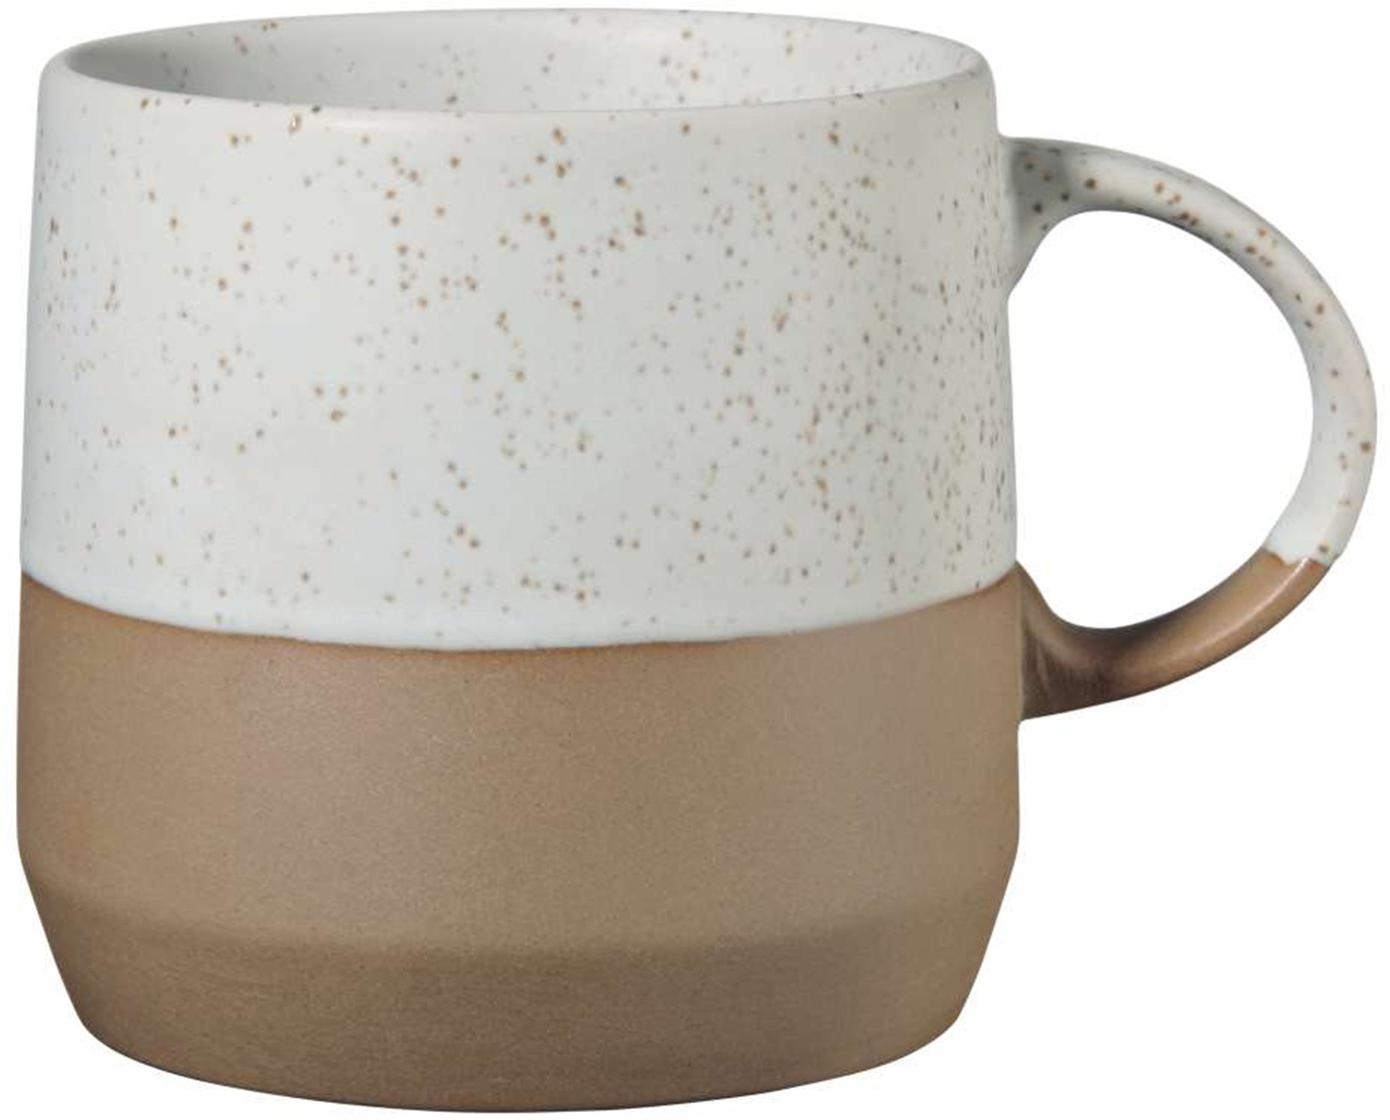 Tazas Caja, 2uds., Terracota, Tonos marrones y beige, Ø 9x Al 9 cm